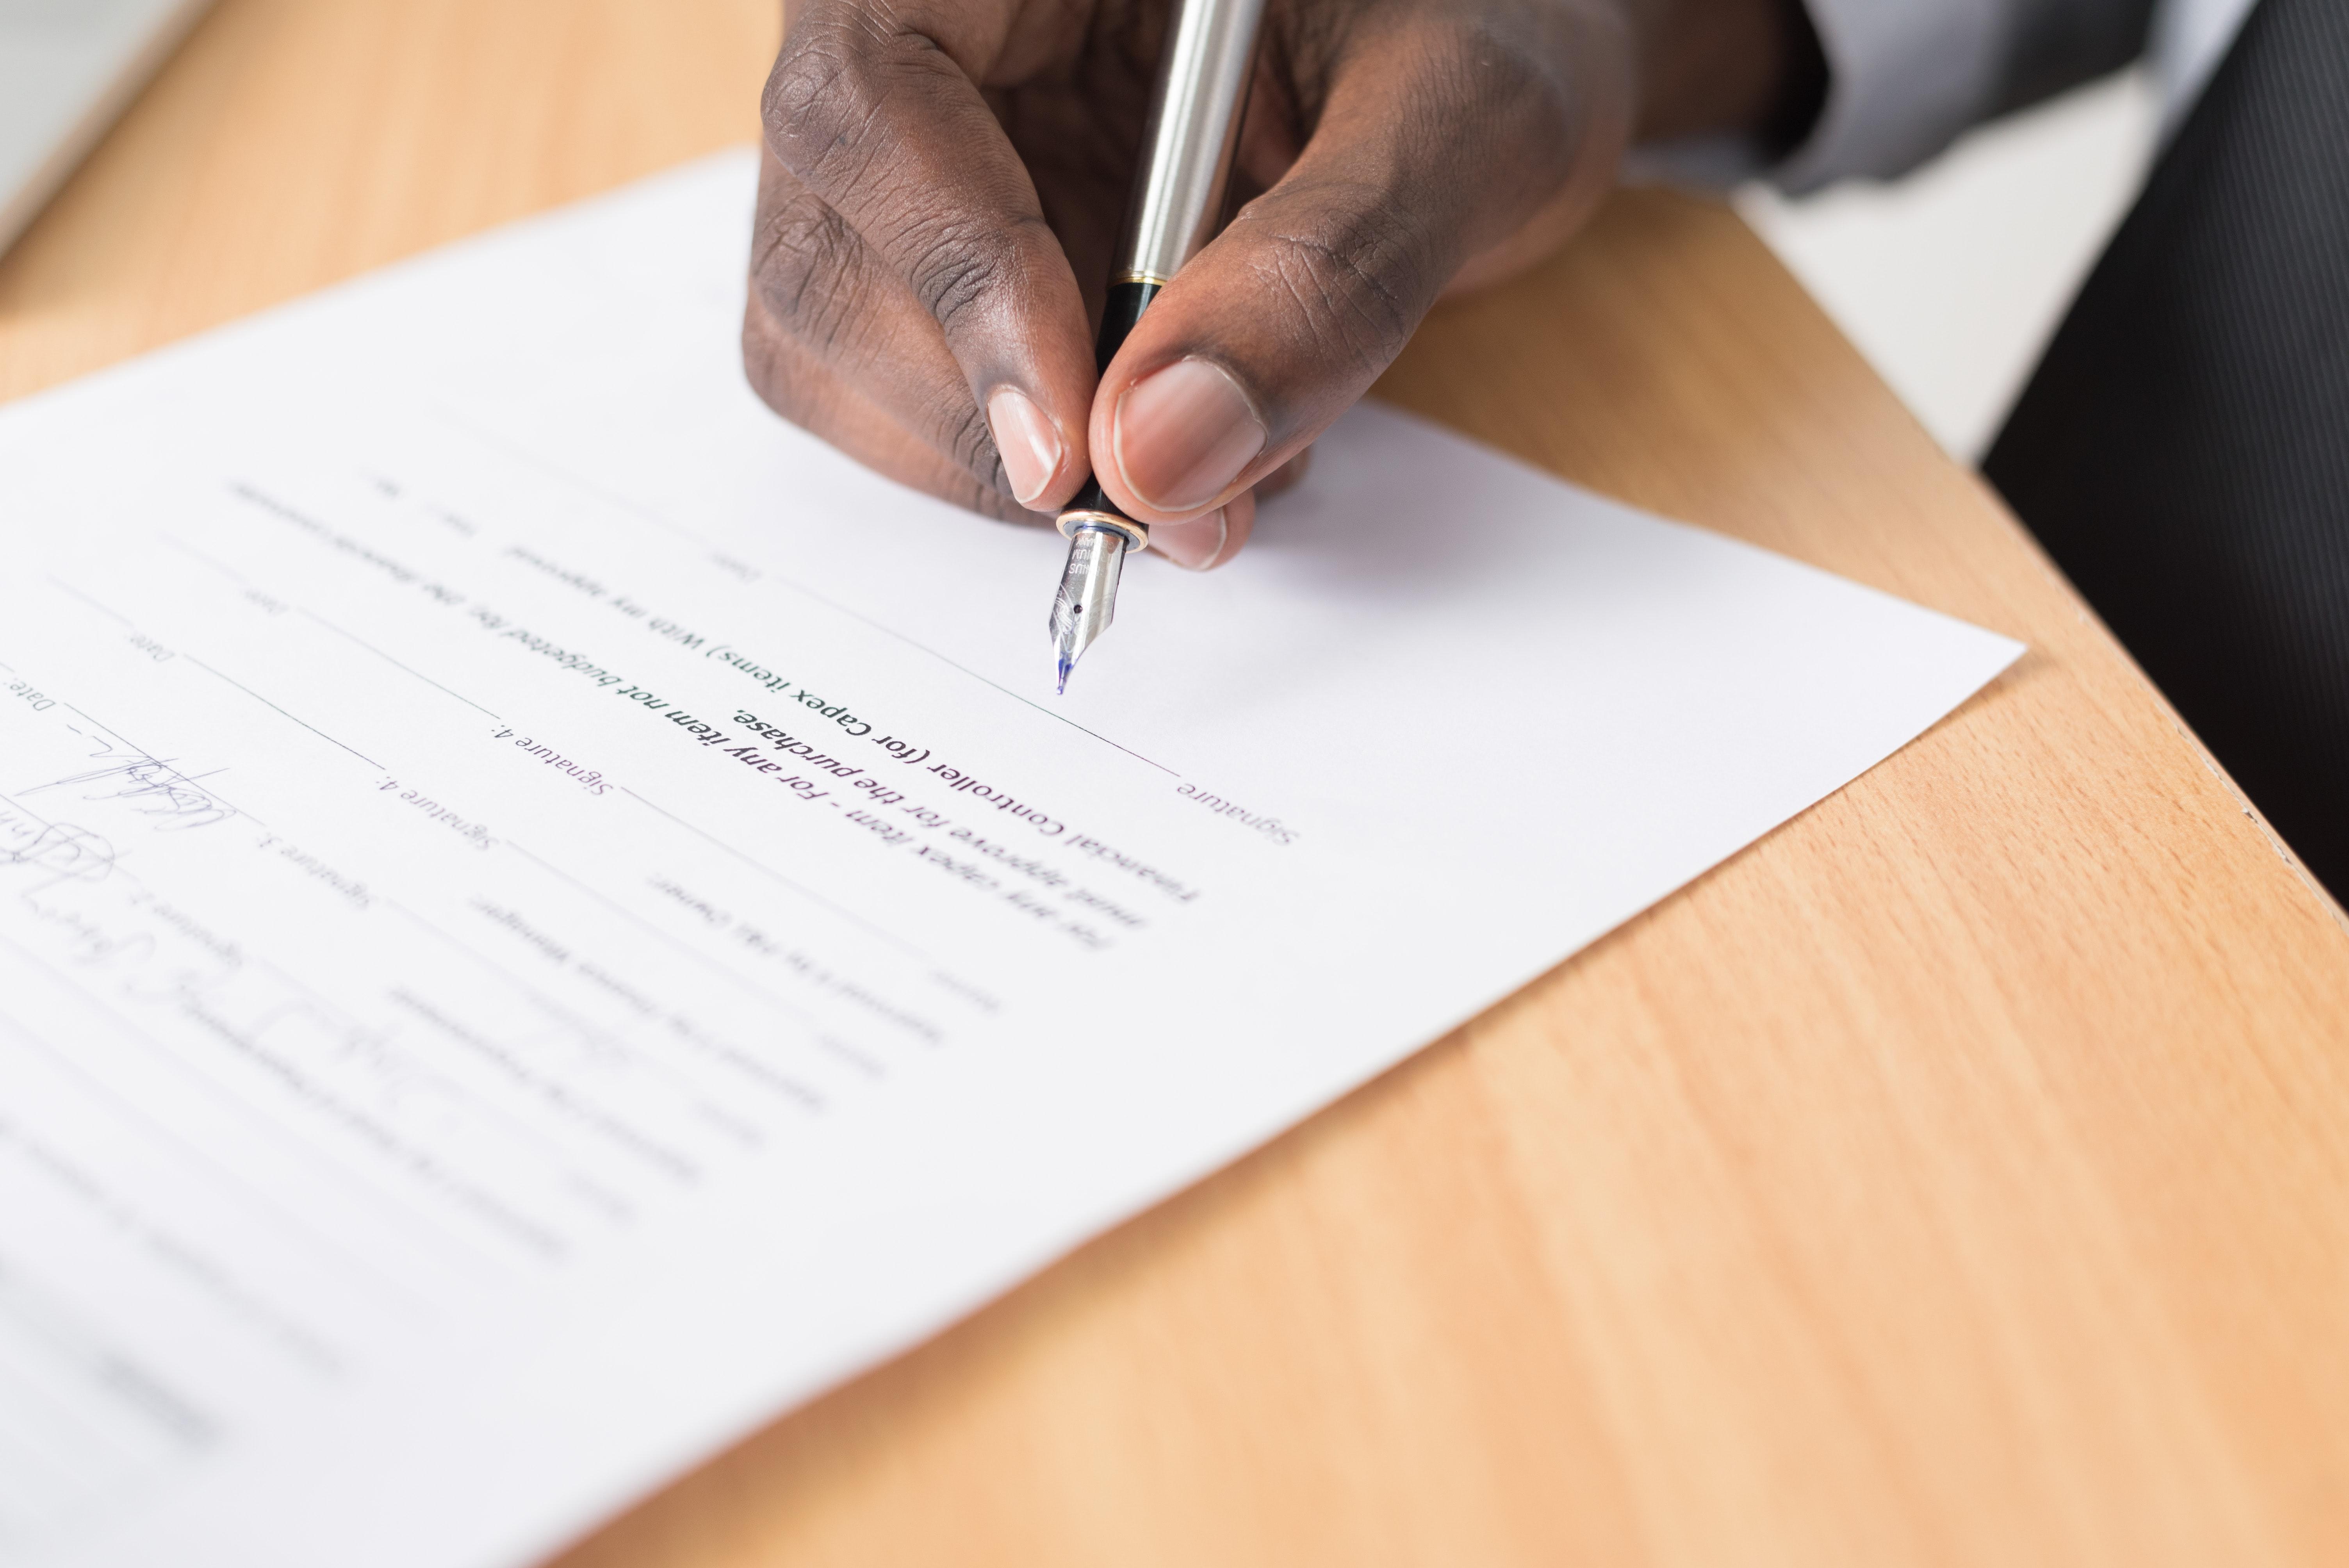 Advokatfellesskapet Lovende tilbyr nå juridisk og forretningsmessig gjennomgang av dine avtaler